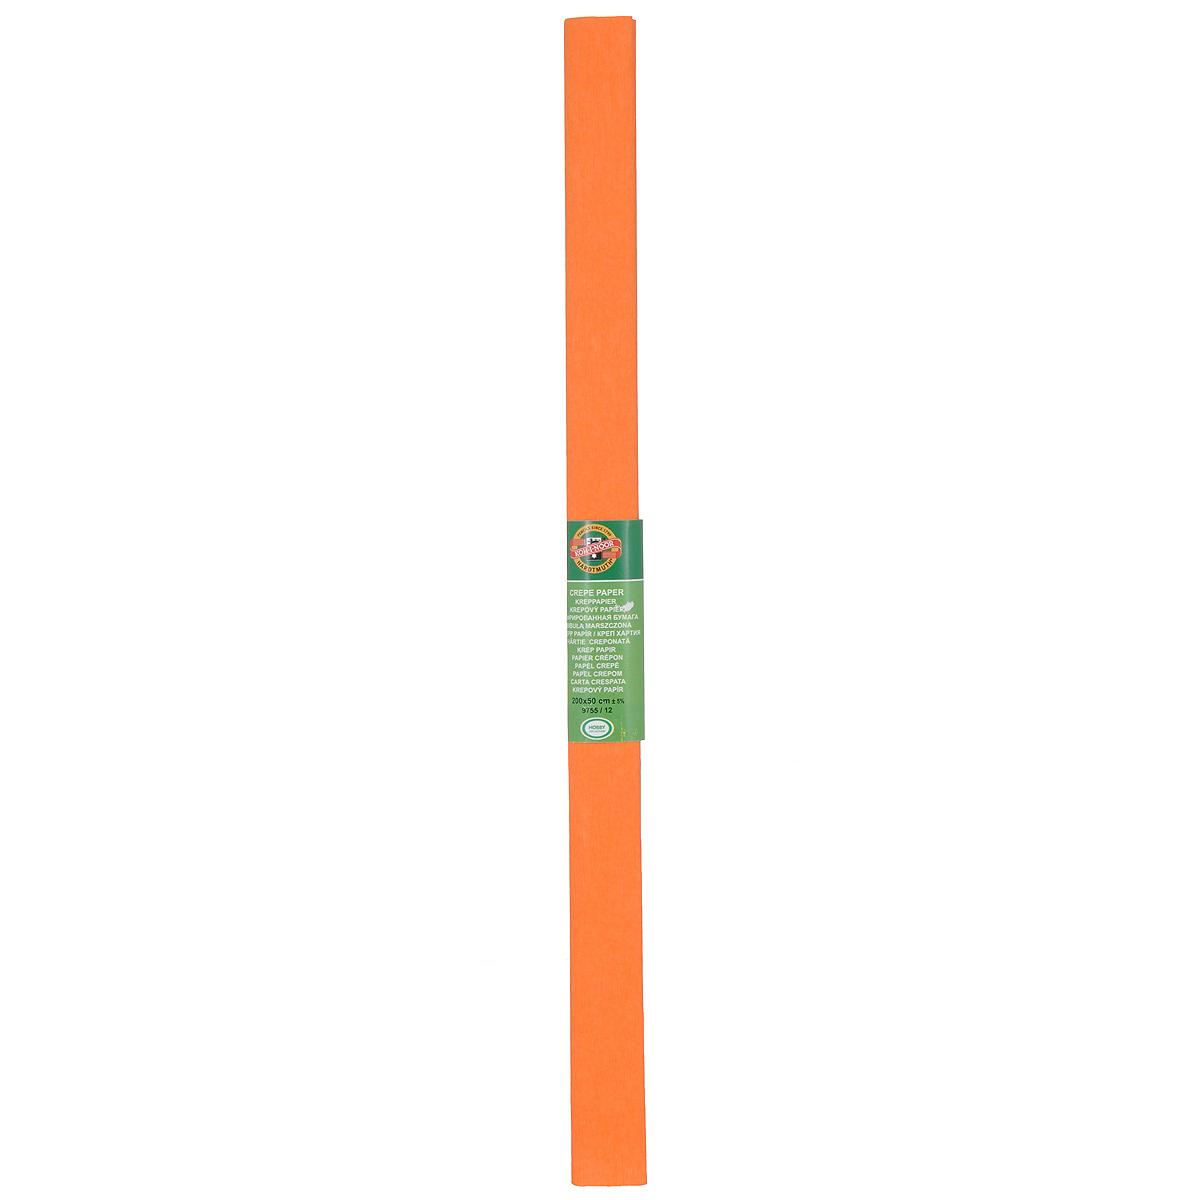 Бумага гофрированная Koh-I-Noor, цвет: оранжевый, 50 см x 2 м9755/12Крепированная бумага Koh-I-Noor - прекрасный материал для декорирования, изготовления эффектной упаковки и различных поделок. Бумага прекрасно держит форму, не пачкает руки, отлично крепится и замечательно подходит для изготовления праздничной упаковки для цветов.